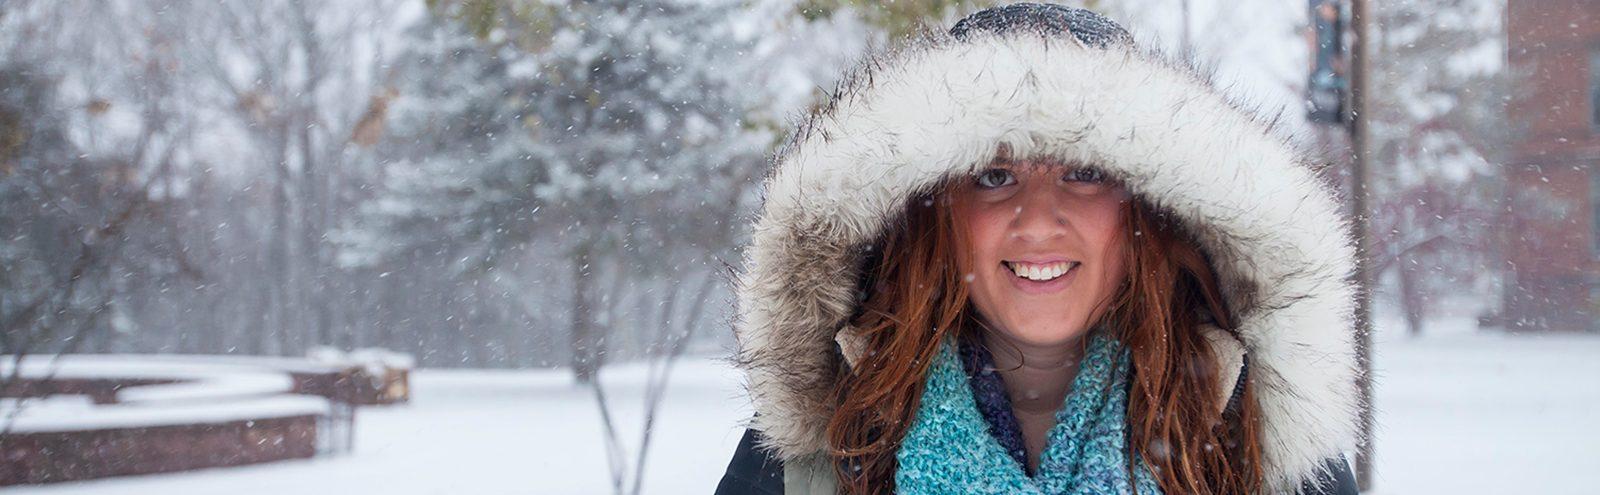 Smiling girl in snow